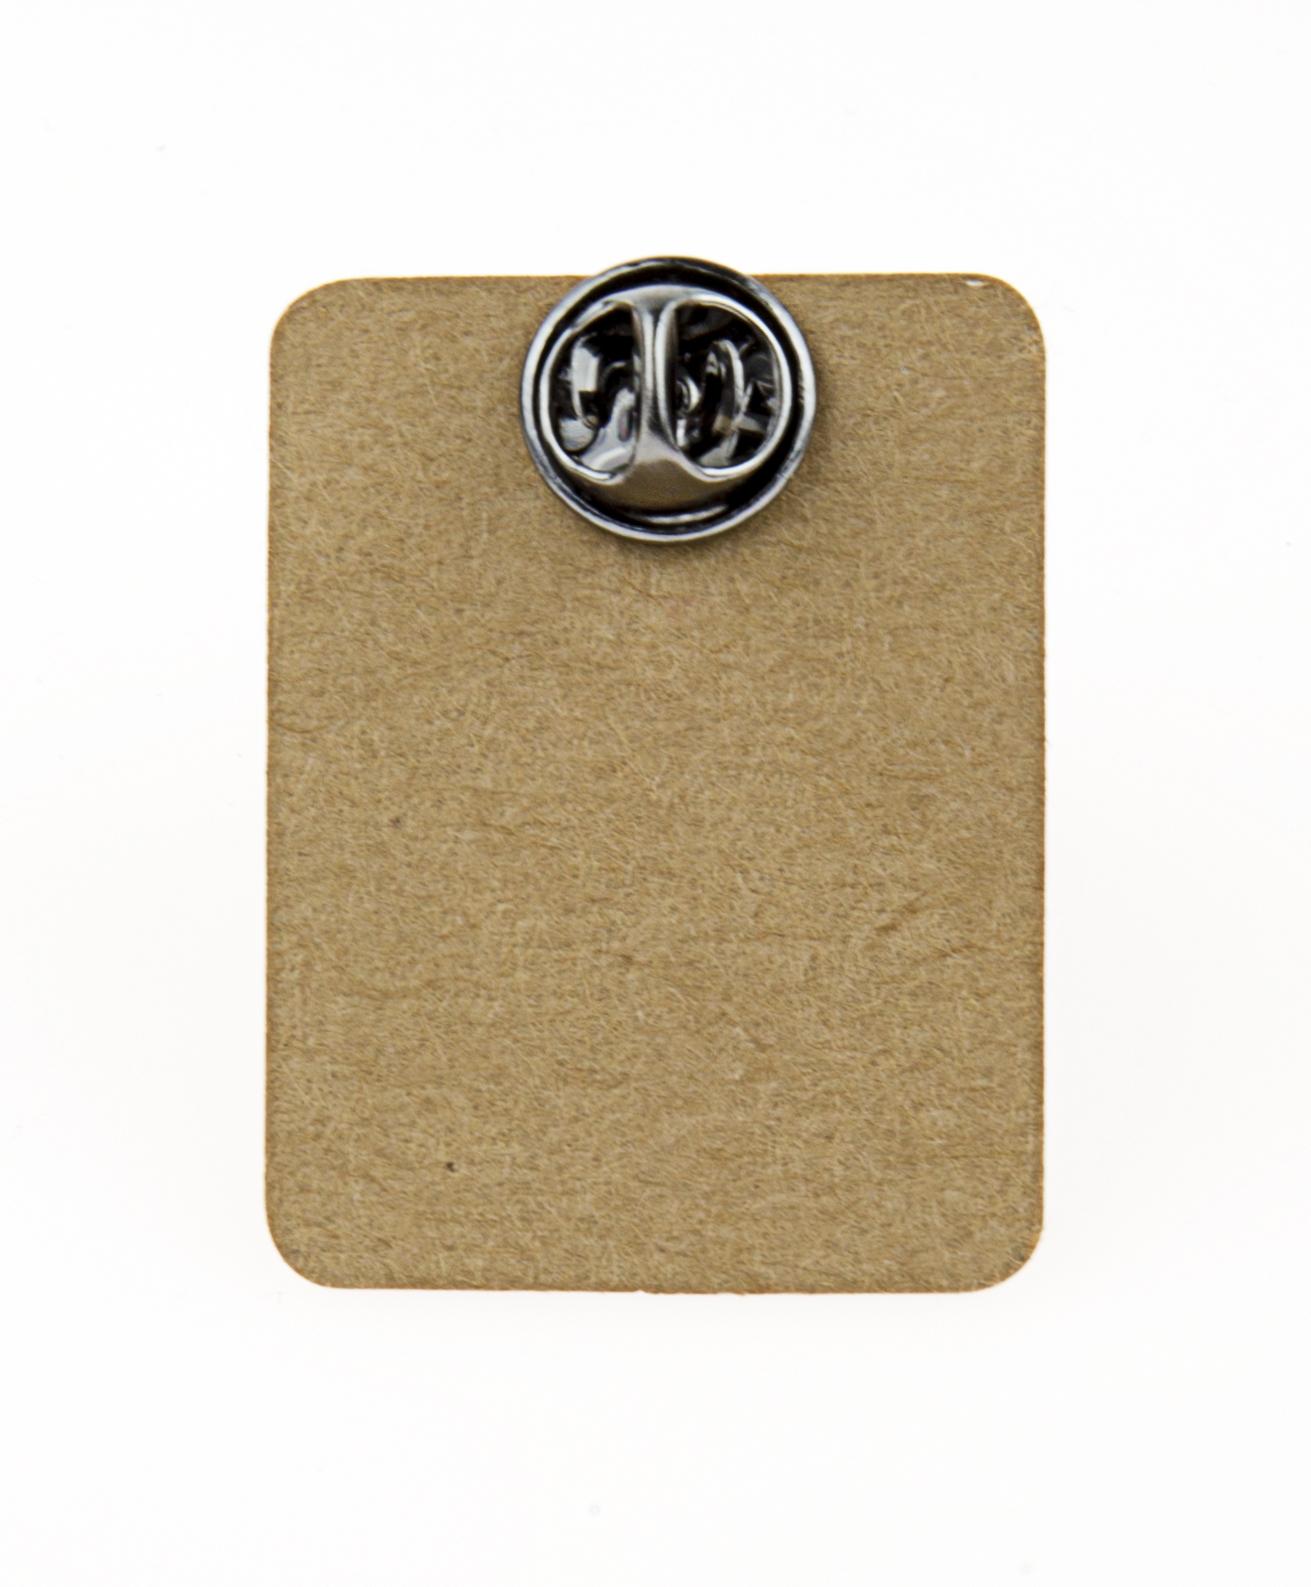 Metal Slimer Ghostbuster Green Ghost Enamel Pin Badge